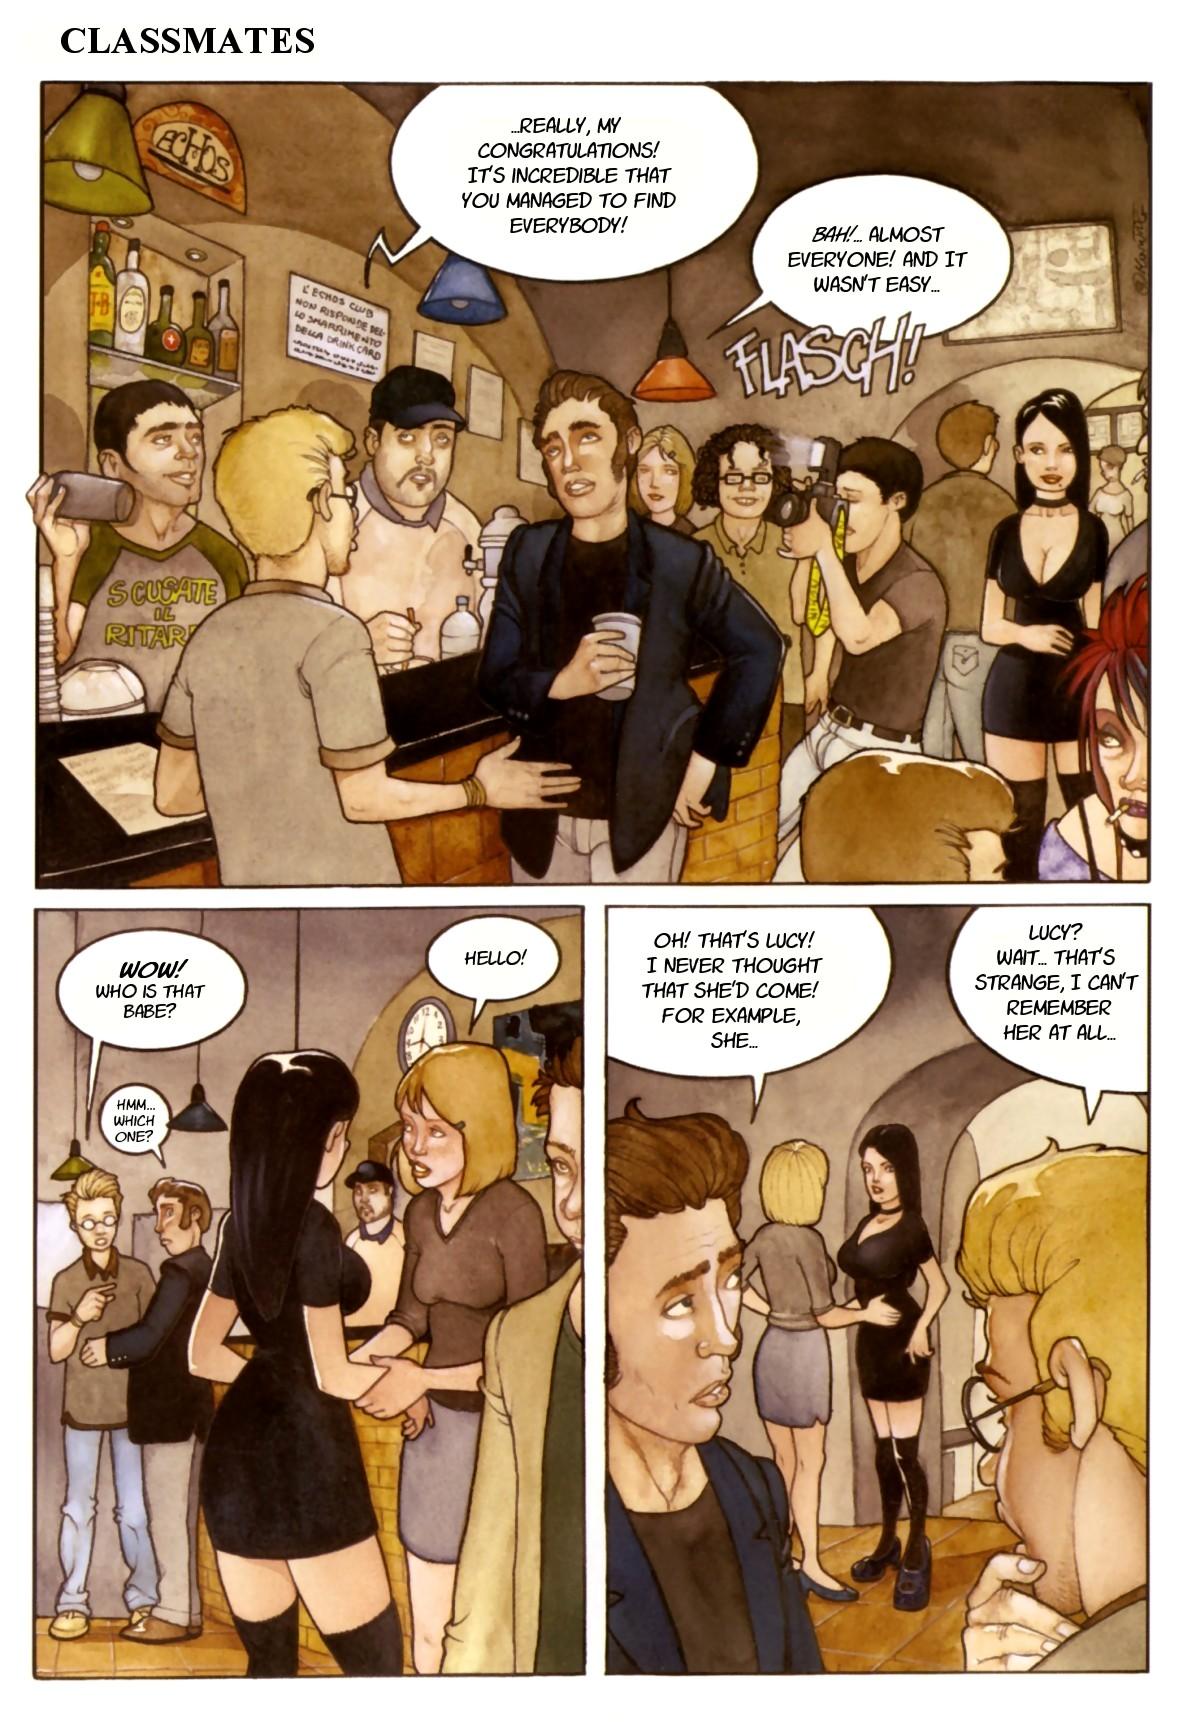 Porn Comics - Classmates porn comics 8 muses